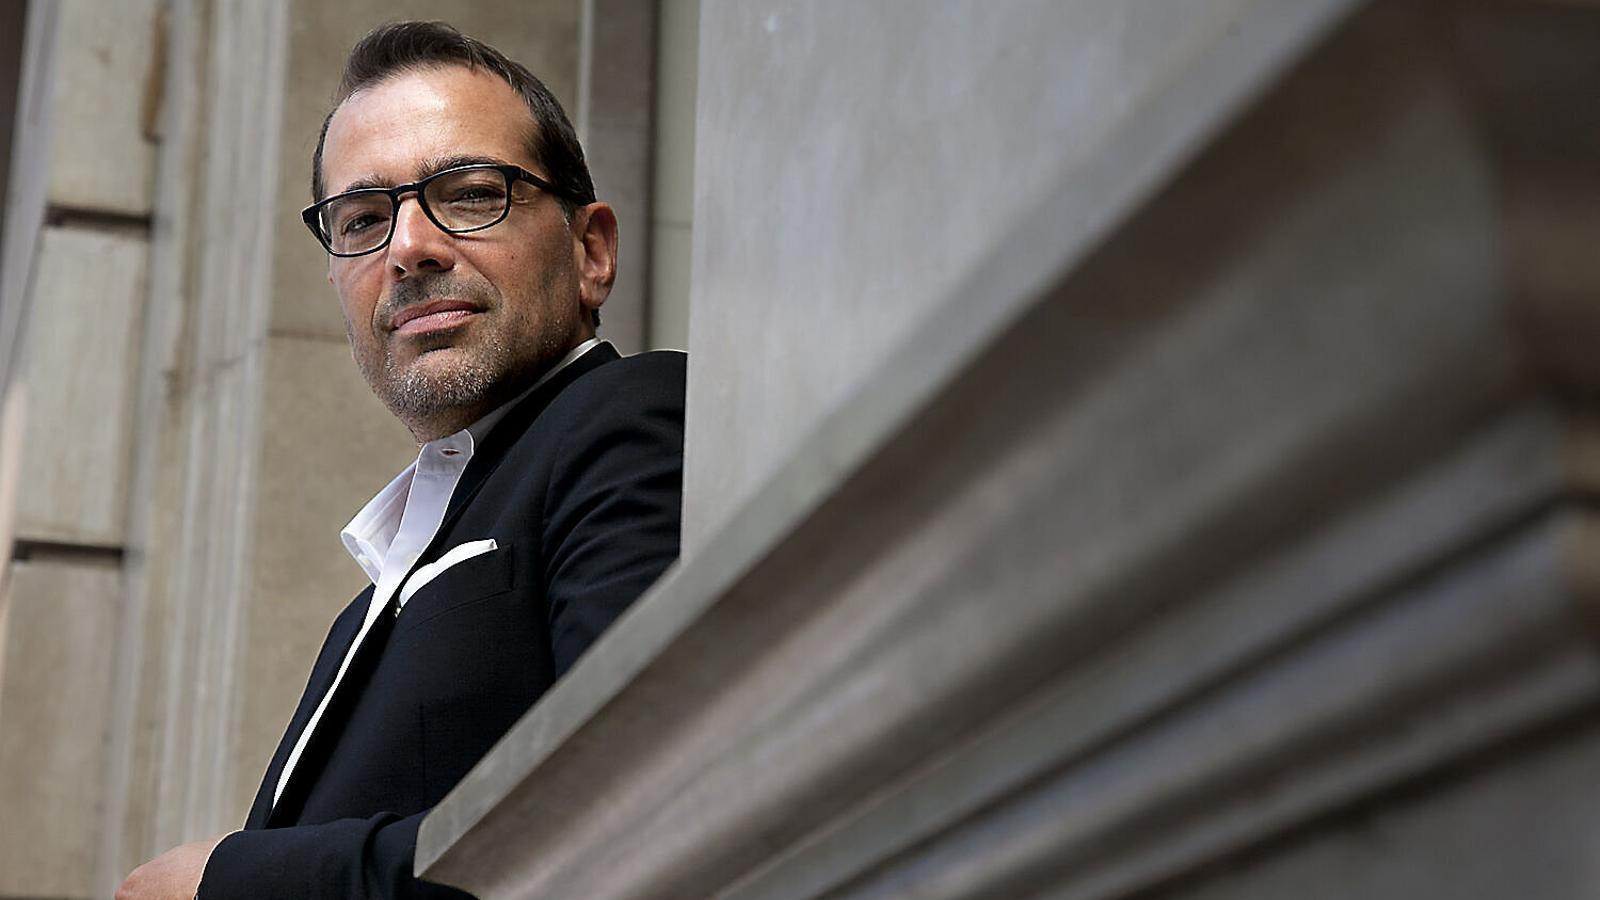 Nicola Pedrazzoli, conseller delegat del desaparegut Canal Català, és l'impulsor de Teve.cat, que va començar a emetre a l'abril.